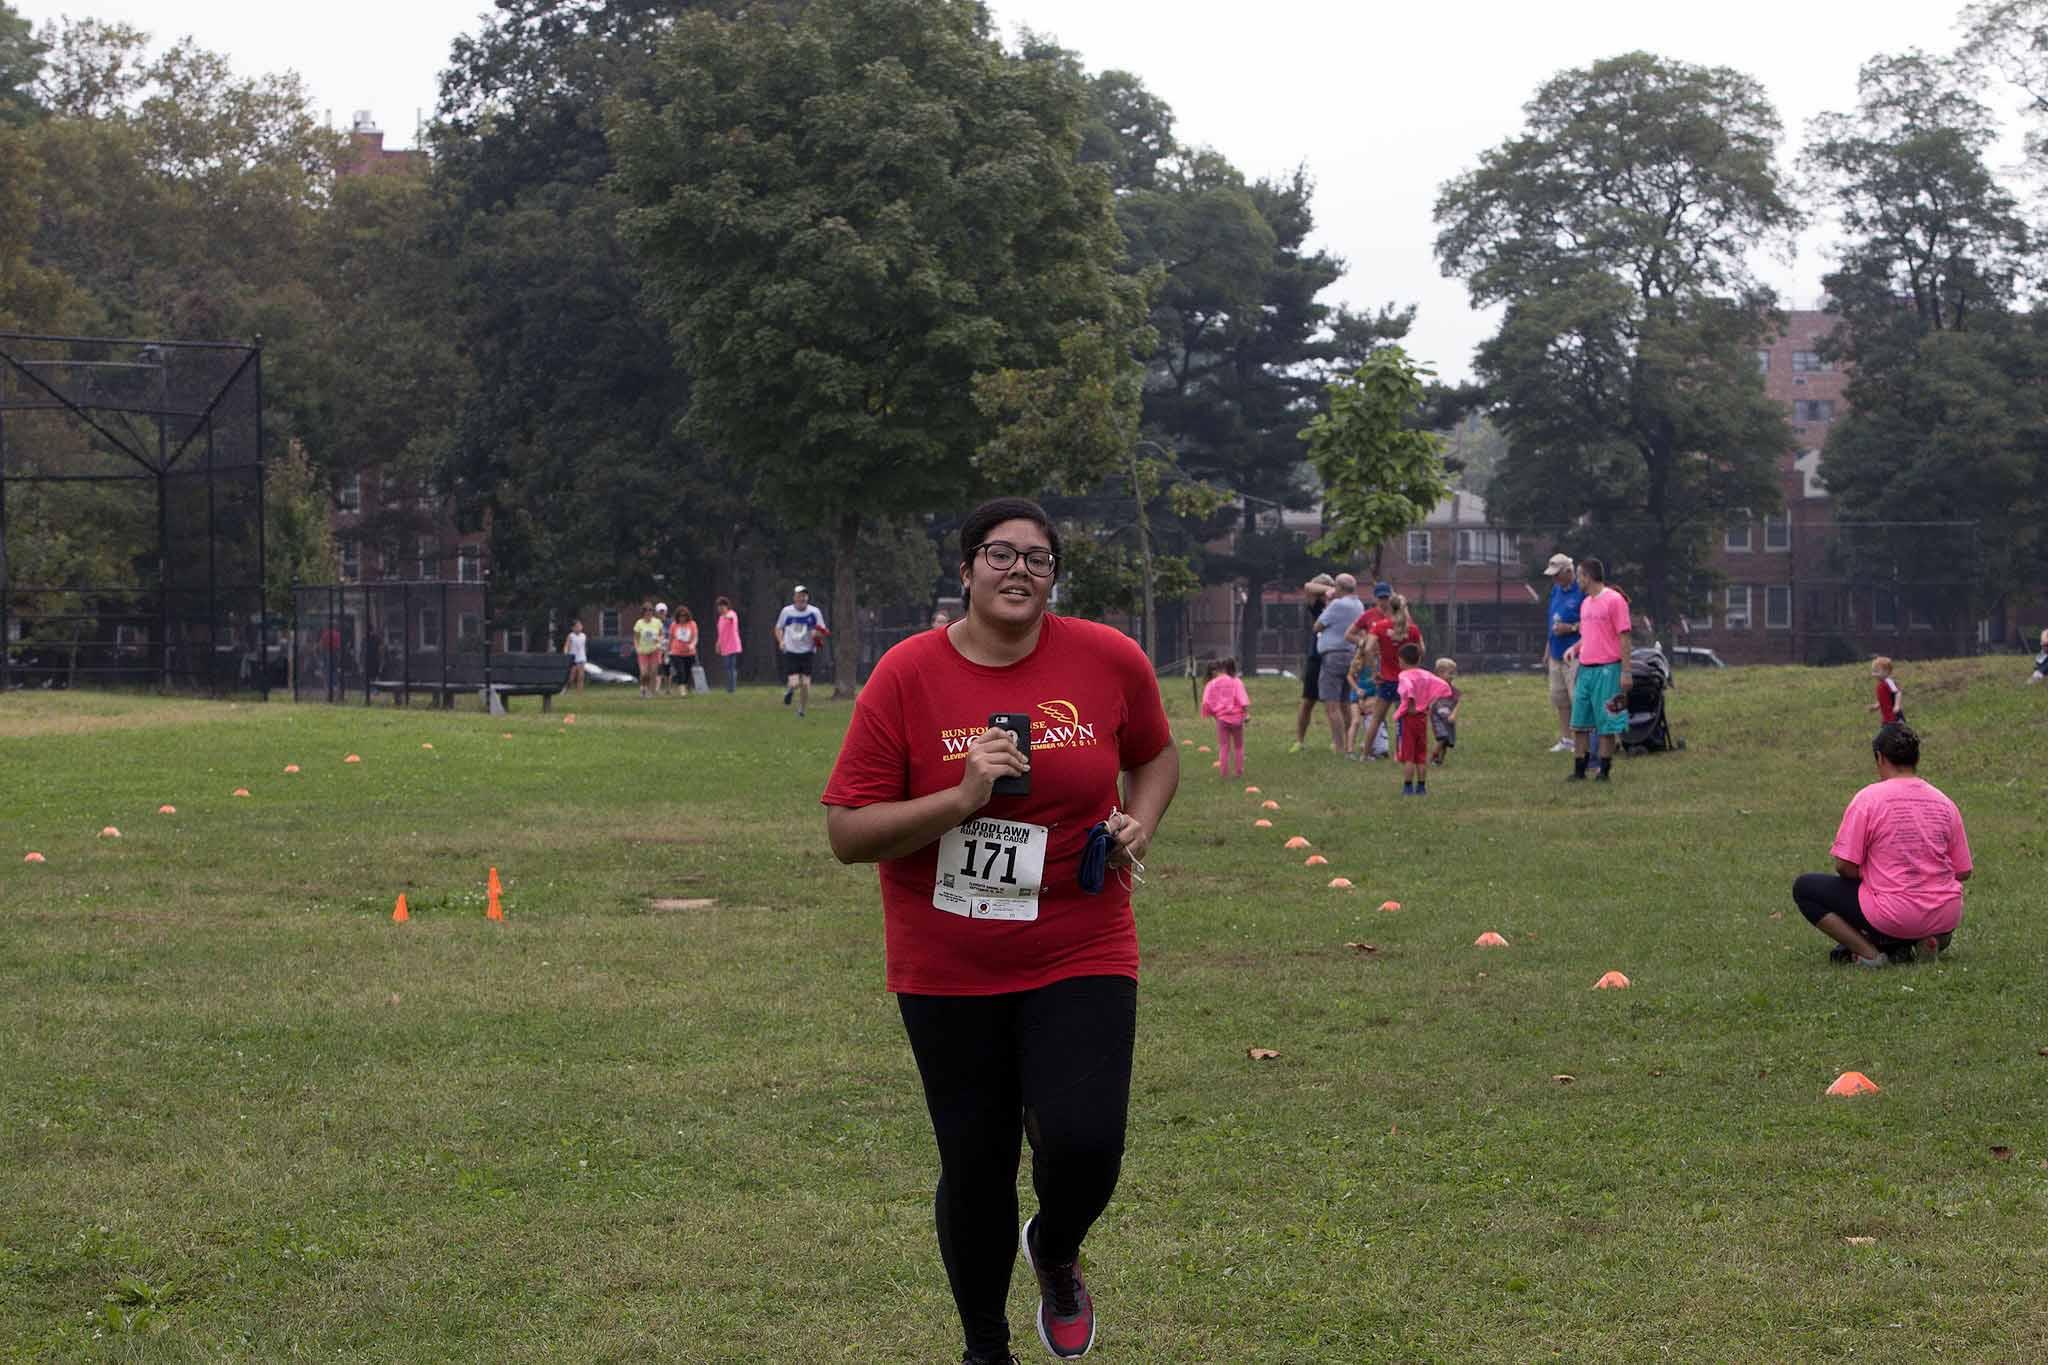 176-Woodlawn Run for a Cause-502.jpg